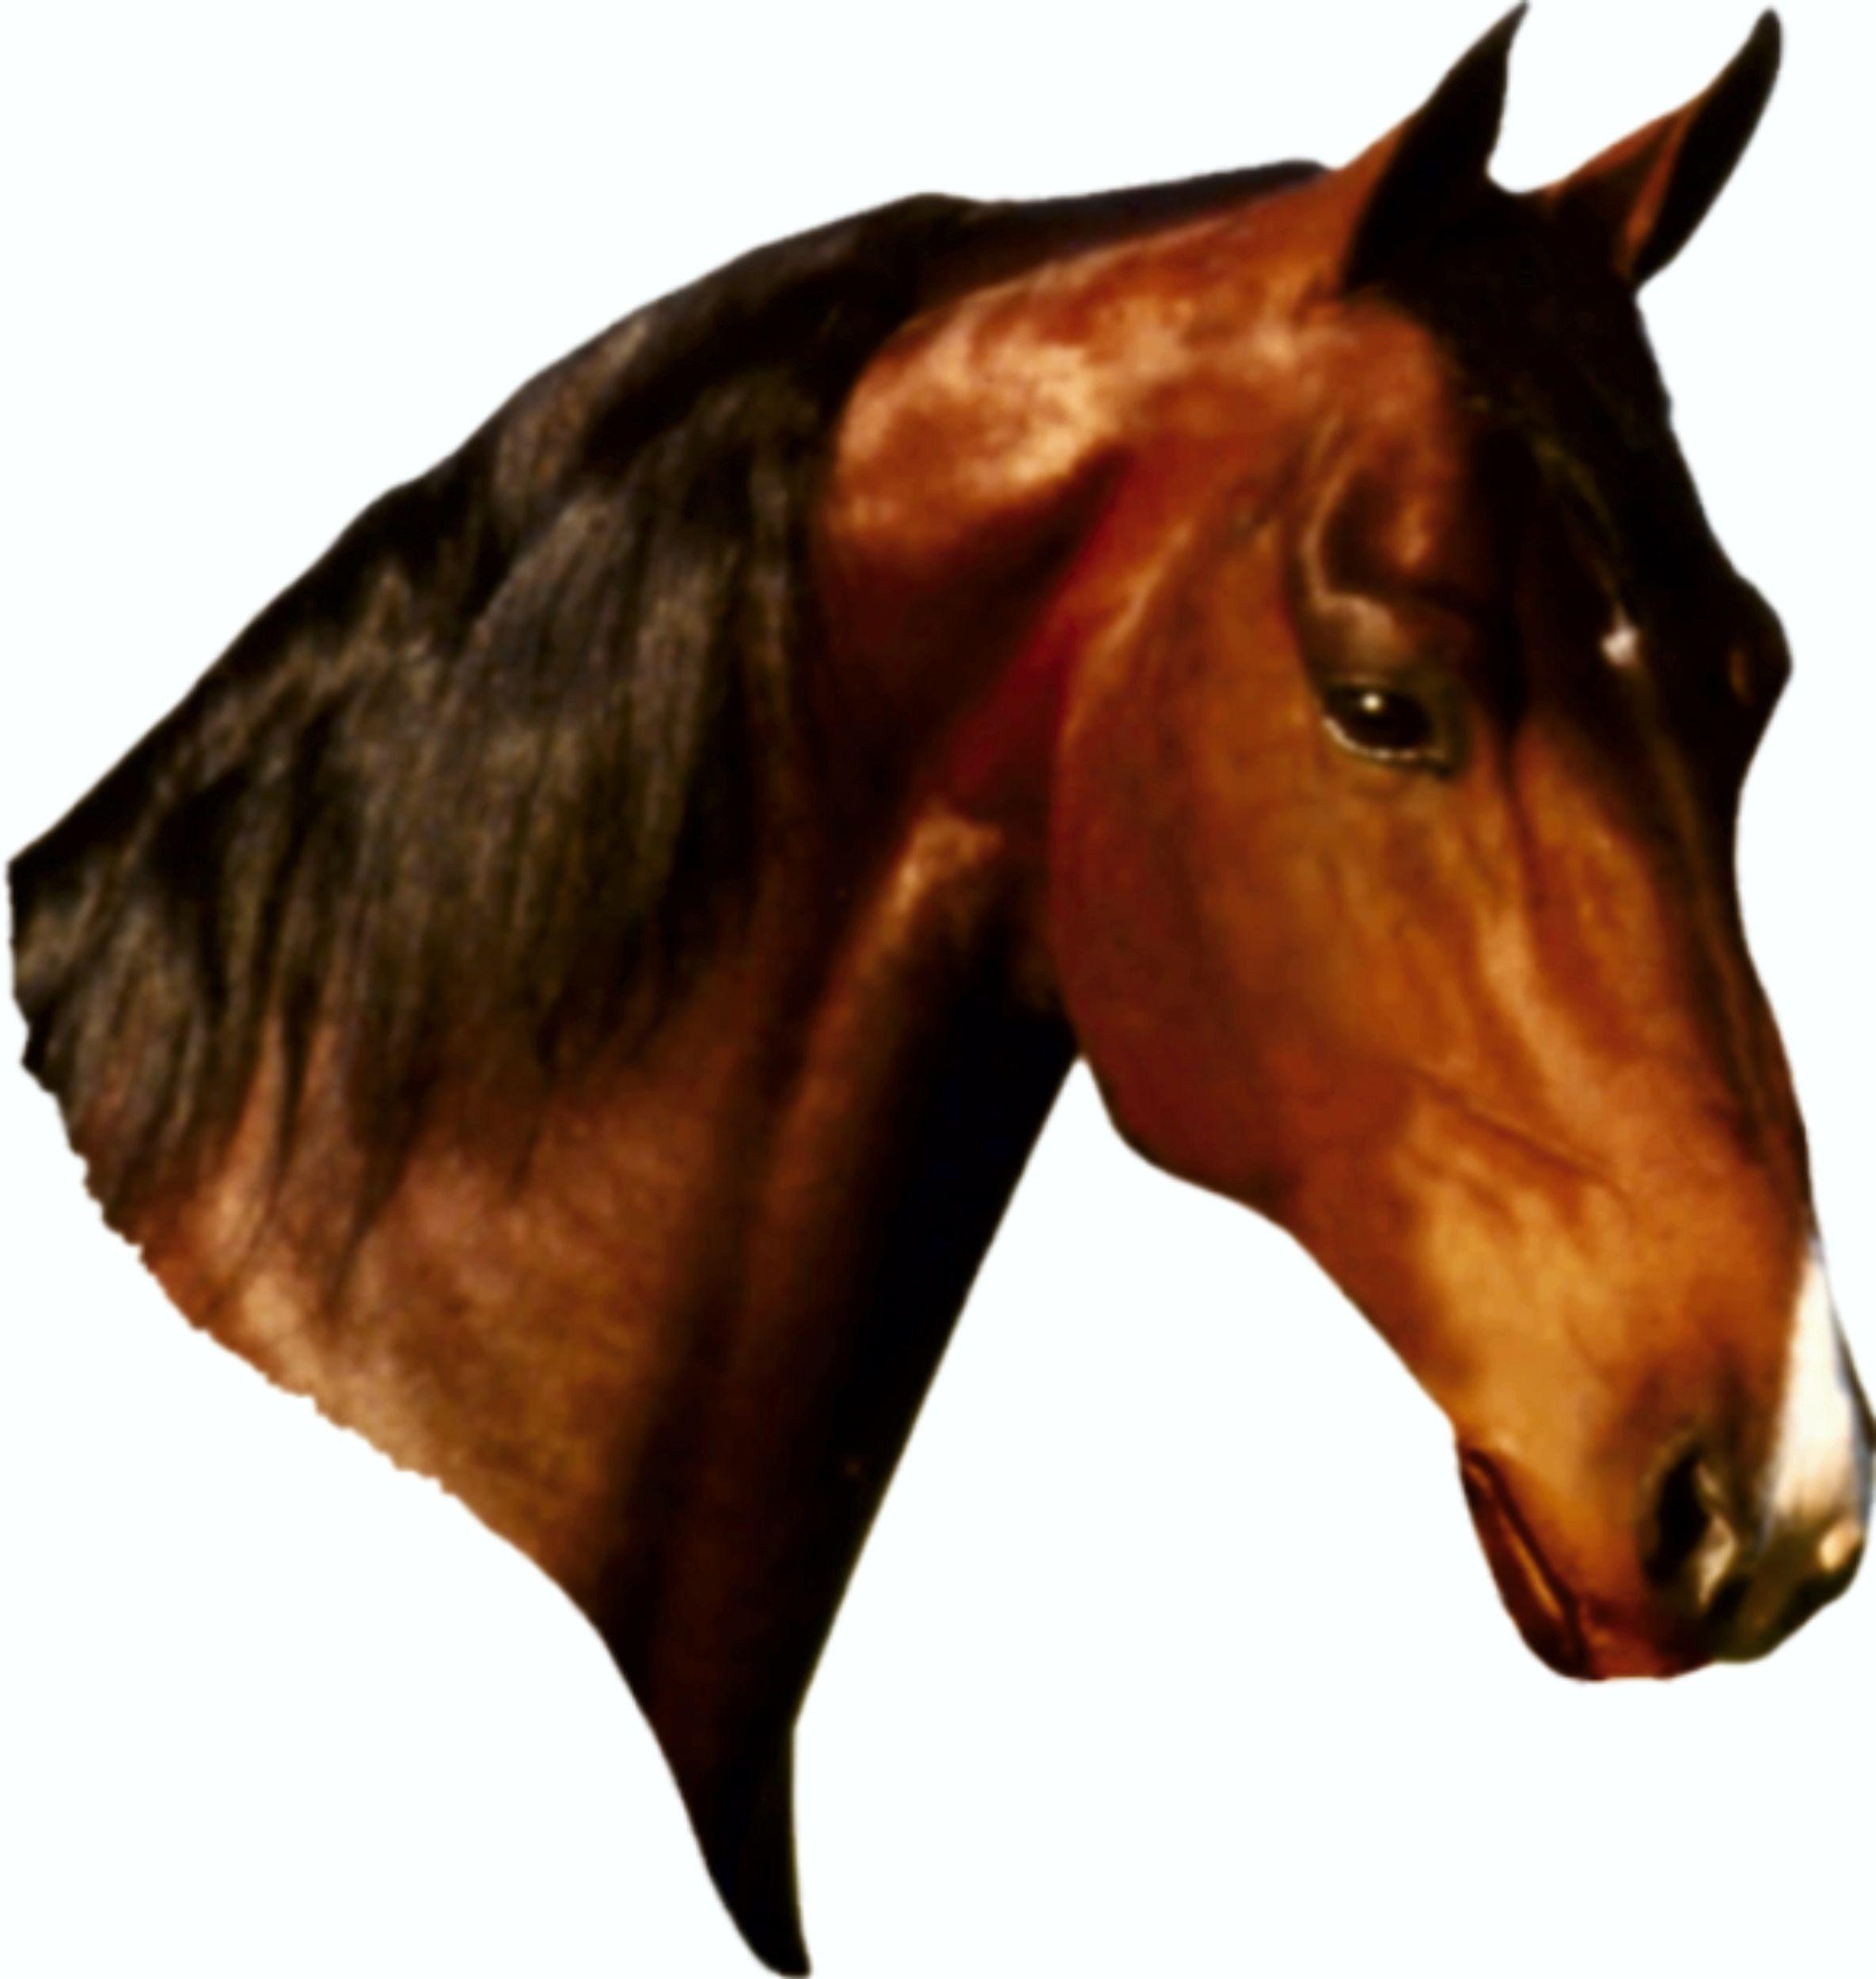 Aufkleber Pferd Dimension 105 x 105 mm 001